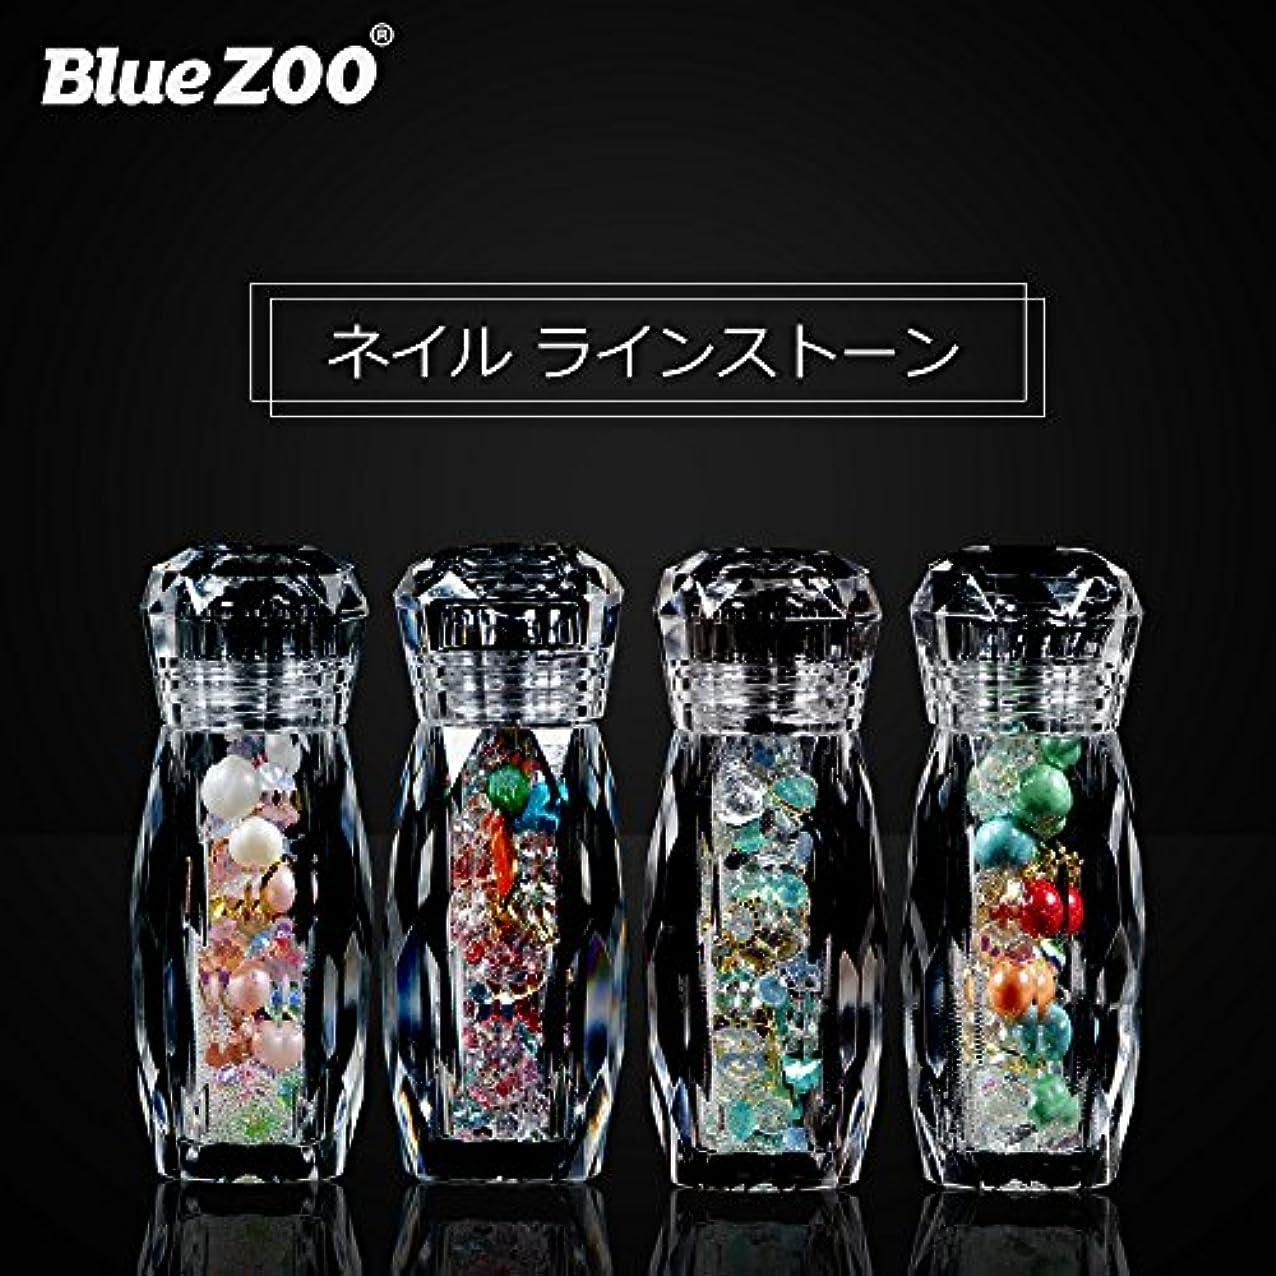 前書き喜んでゴシップBlueZOO (ブルーズー) クリスタルボトル 4種類 マルチサイズ ネイルアクセサリー + Vカットダイヤモンド + ジェムサークル + タイニービーズ ネイルパーツ